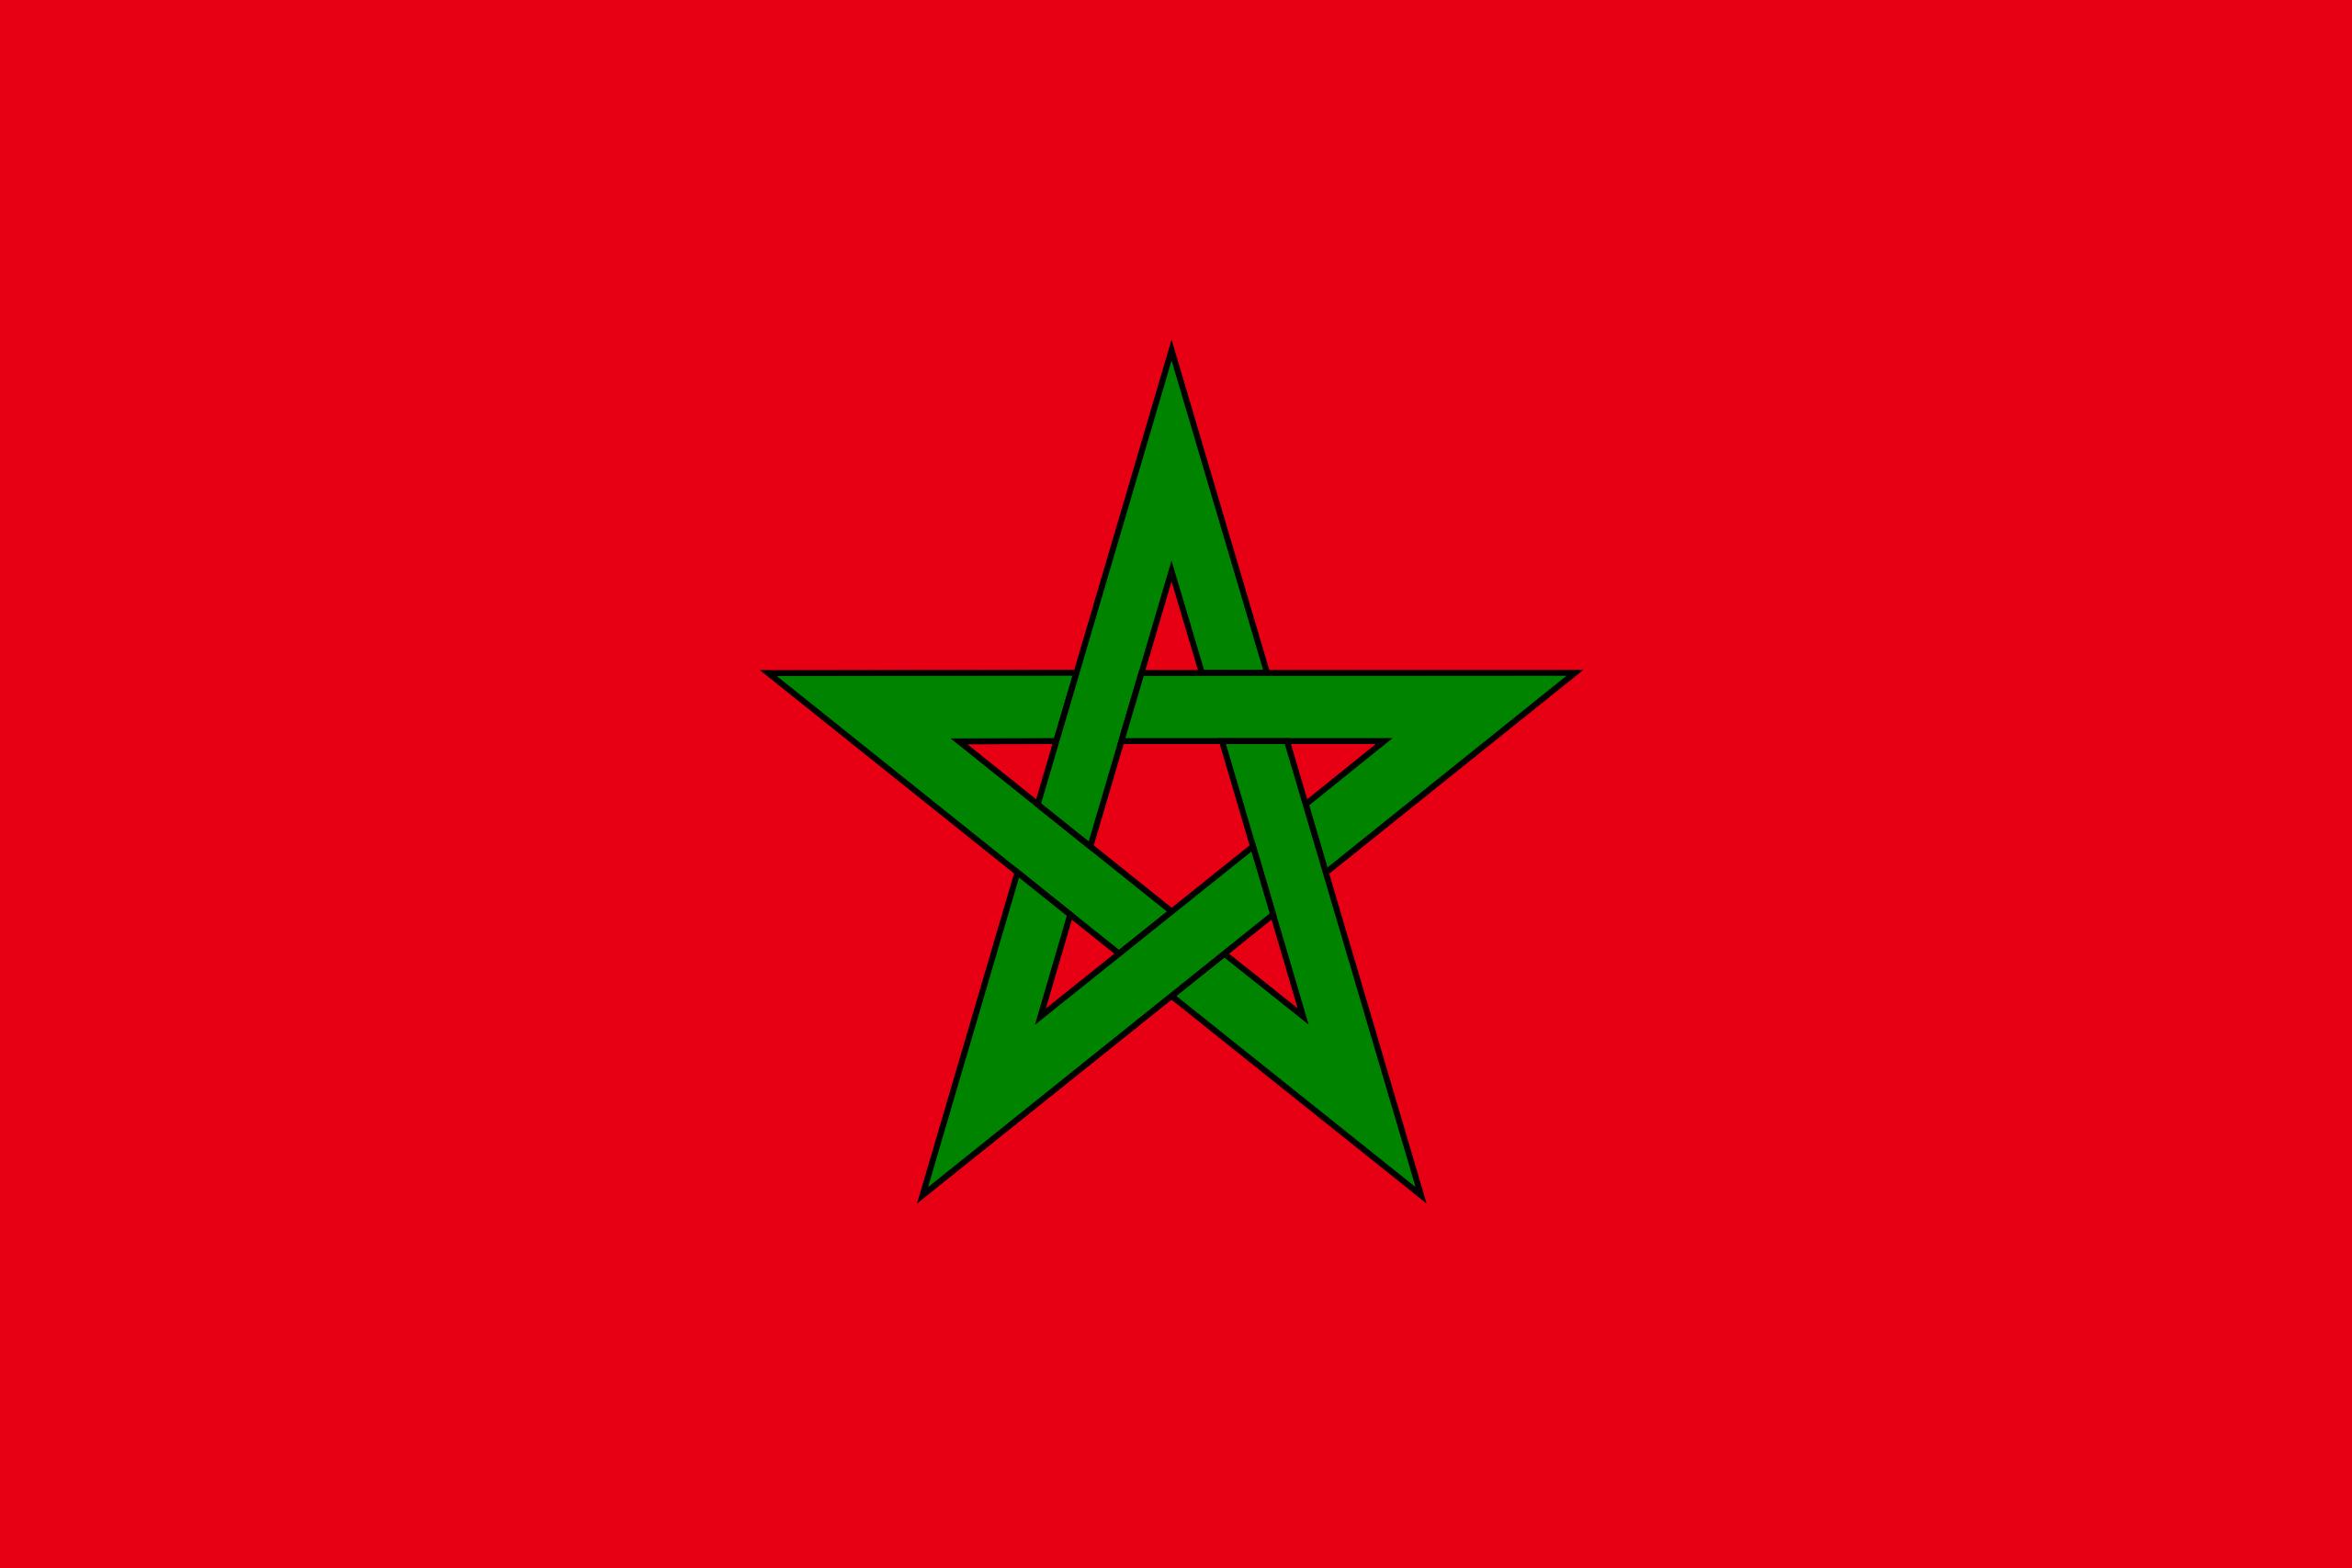 モロッコ, 国, エンブレム, ロゴ, シンボル - HD の壁紙 - 教授-falken.com